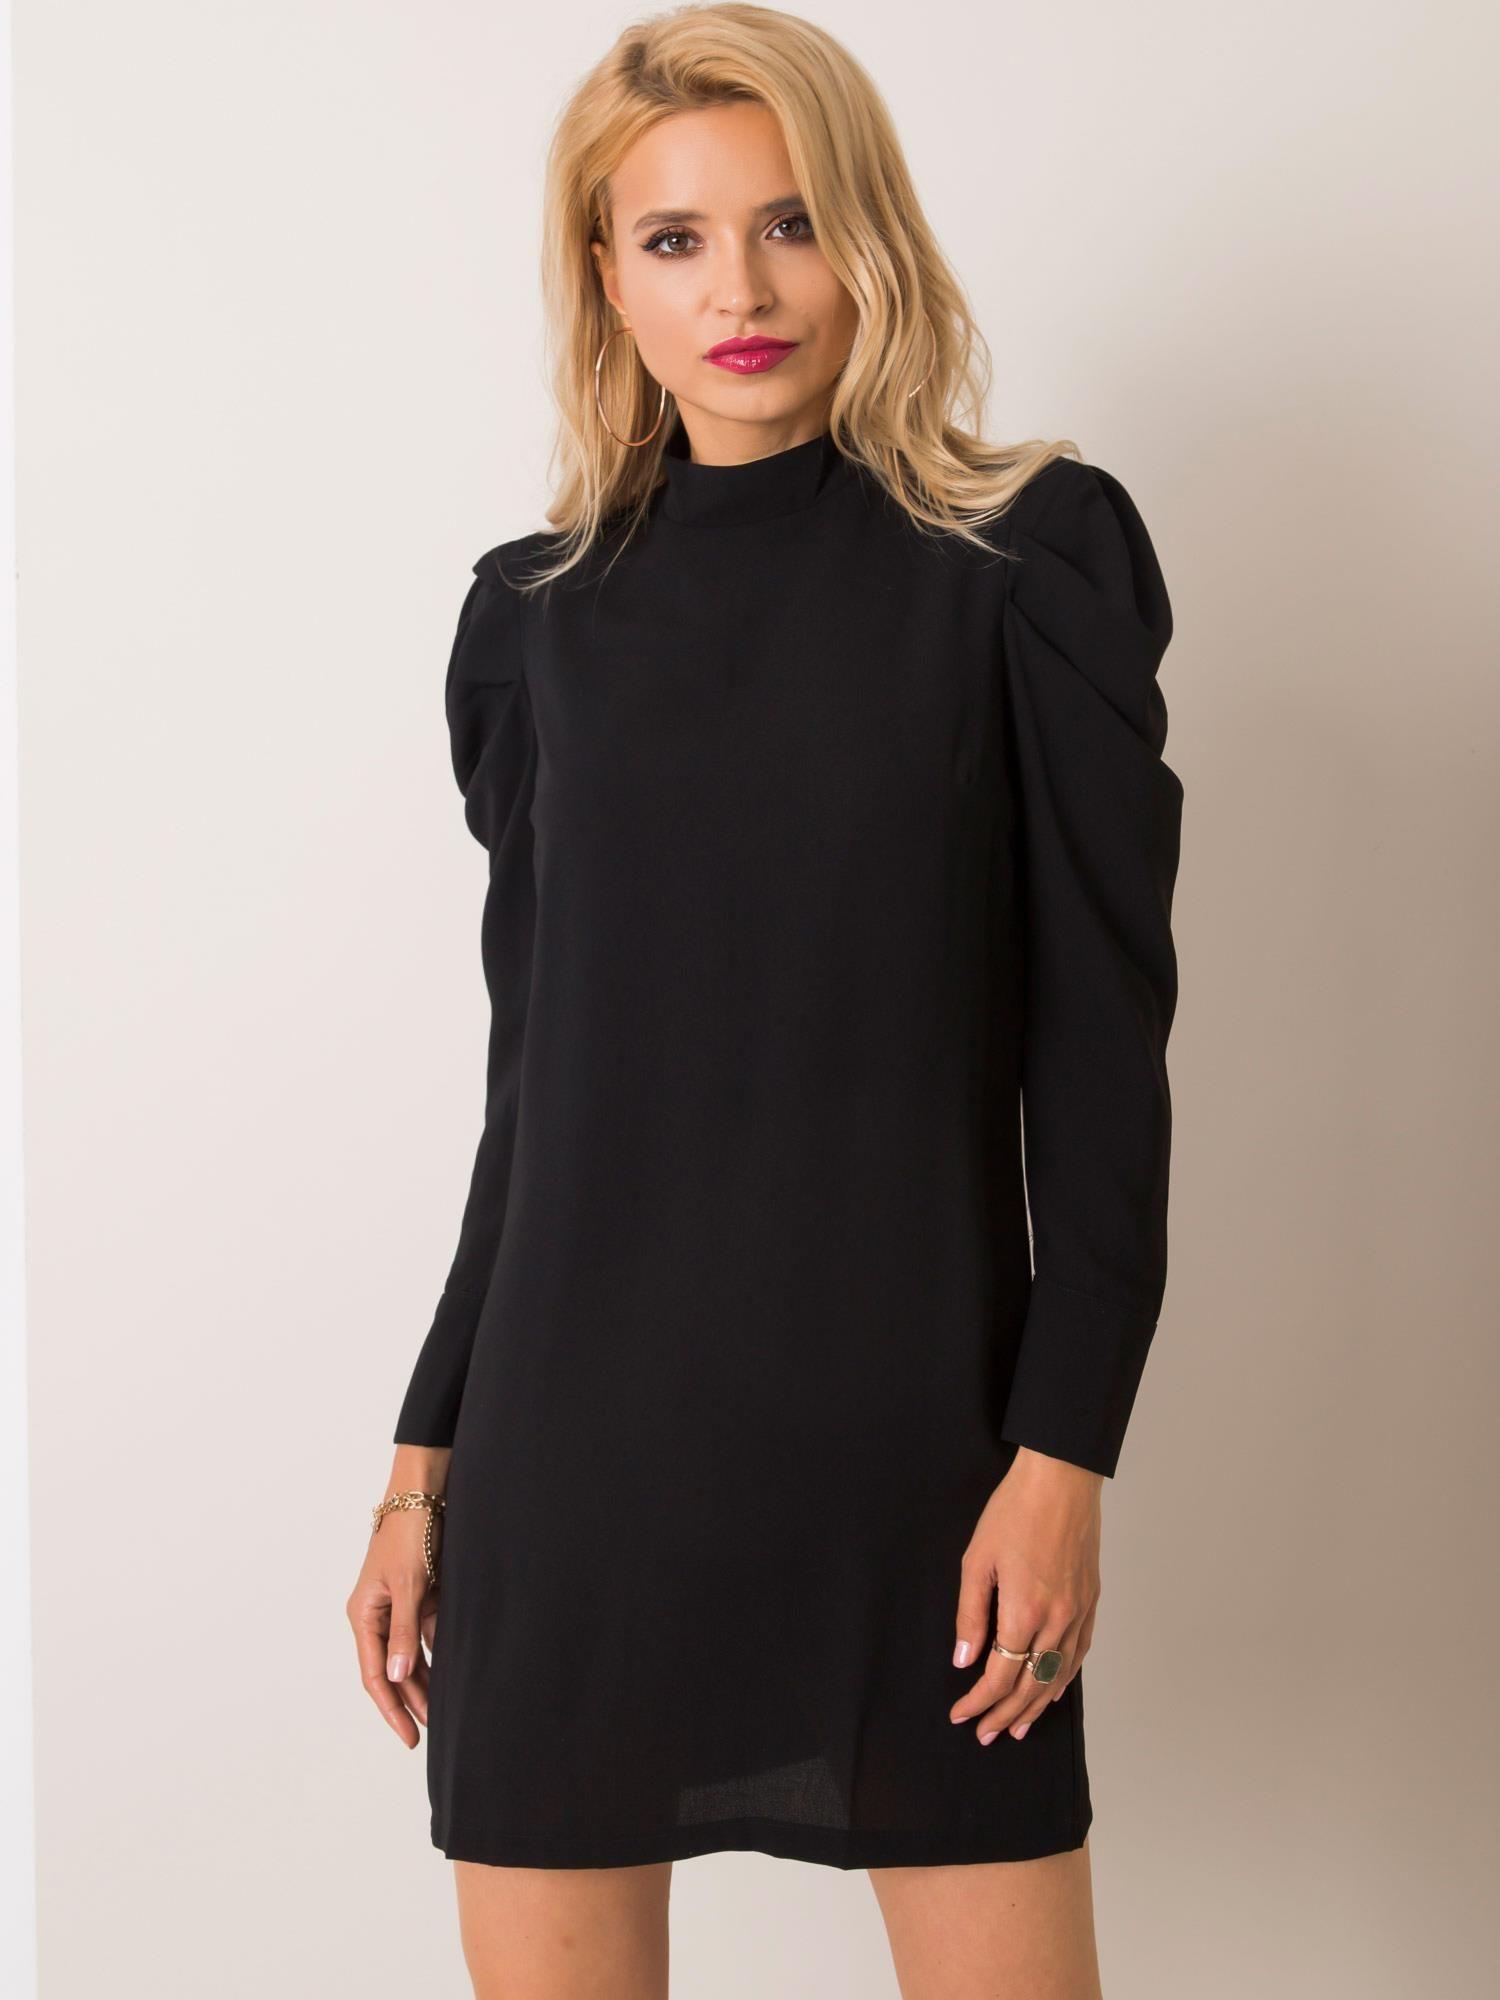 Čierne šaty s nazberaným dlhým rukávom - S